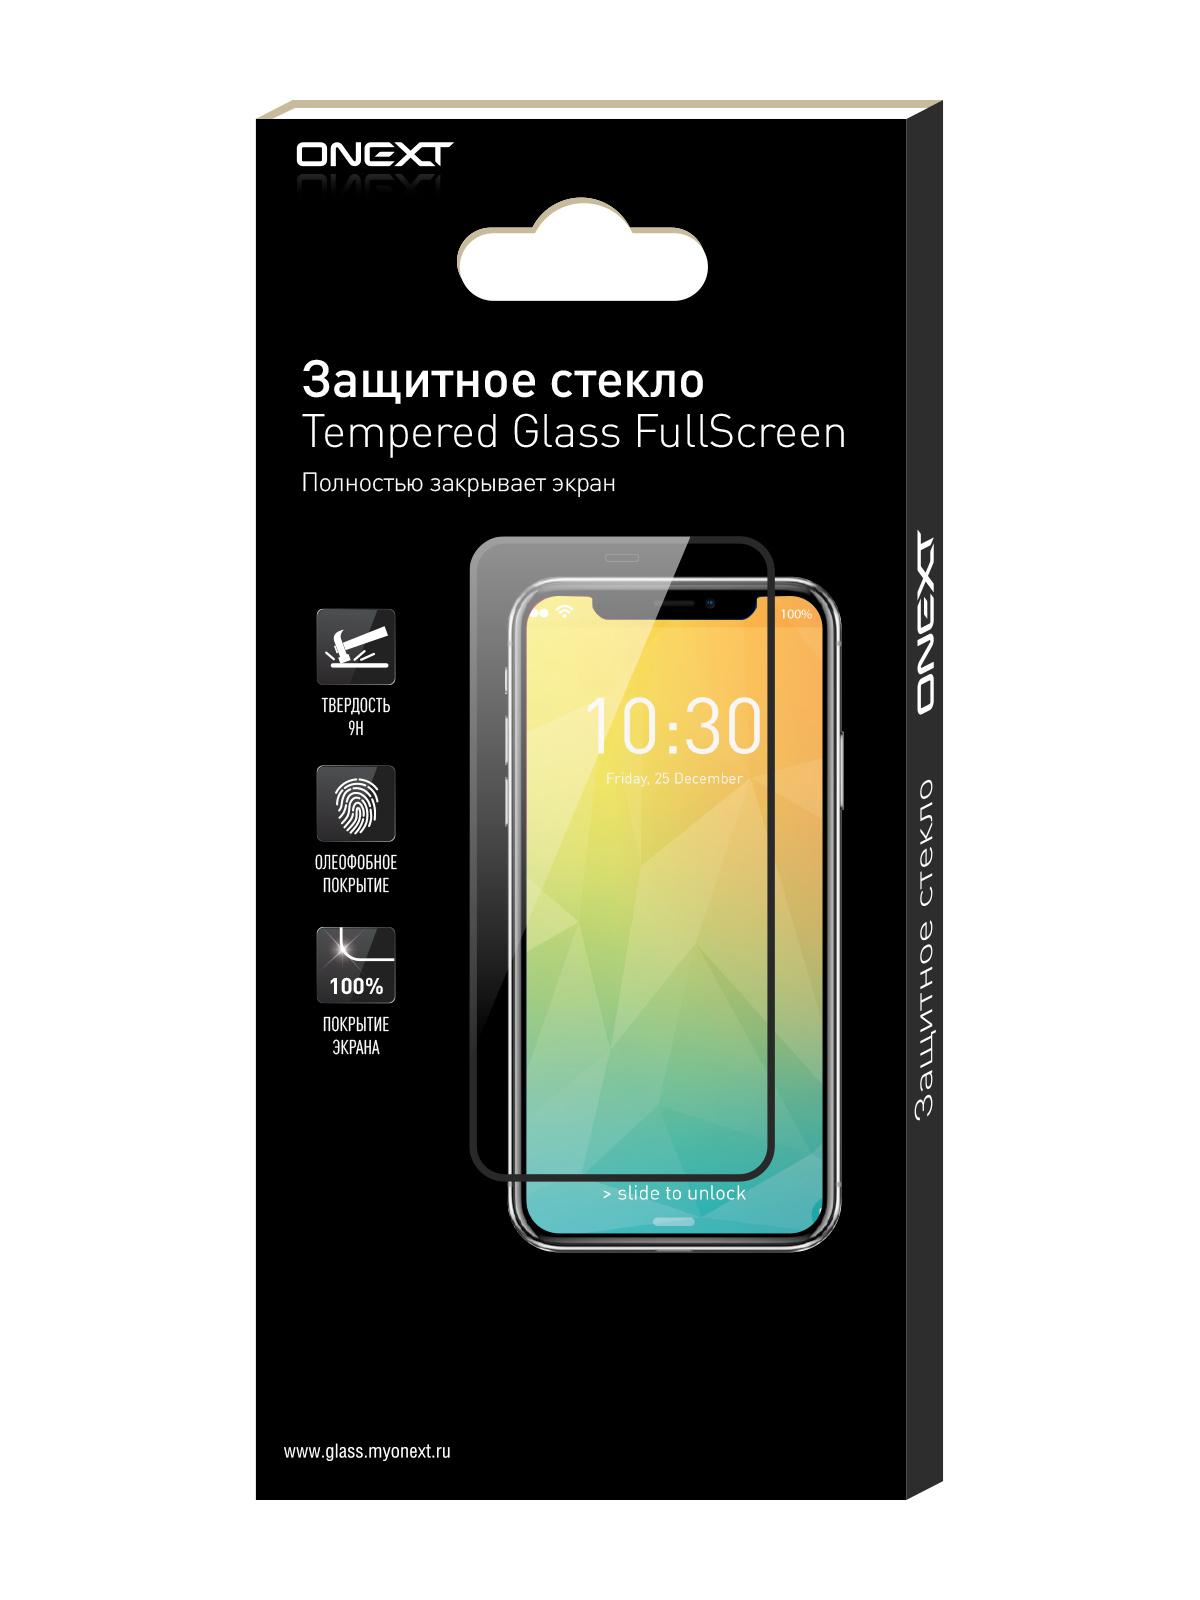 Защитное стекло ONEXT для Asus ZenFone Life G 552Kl Black